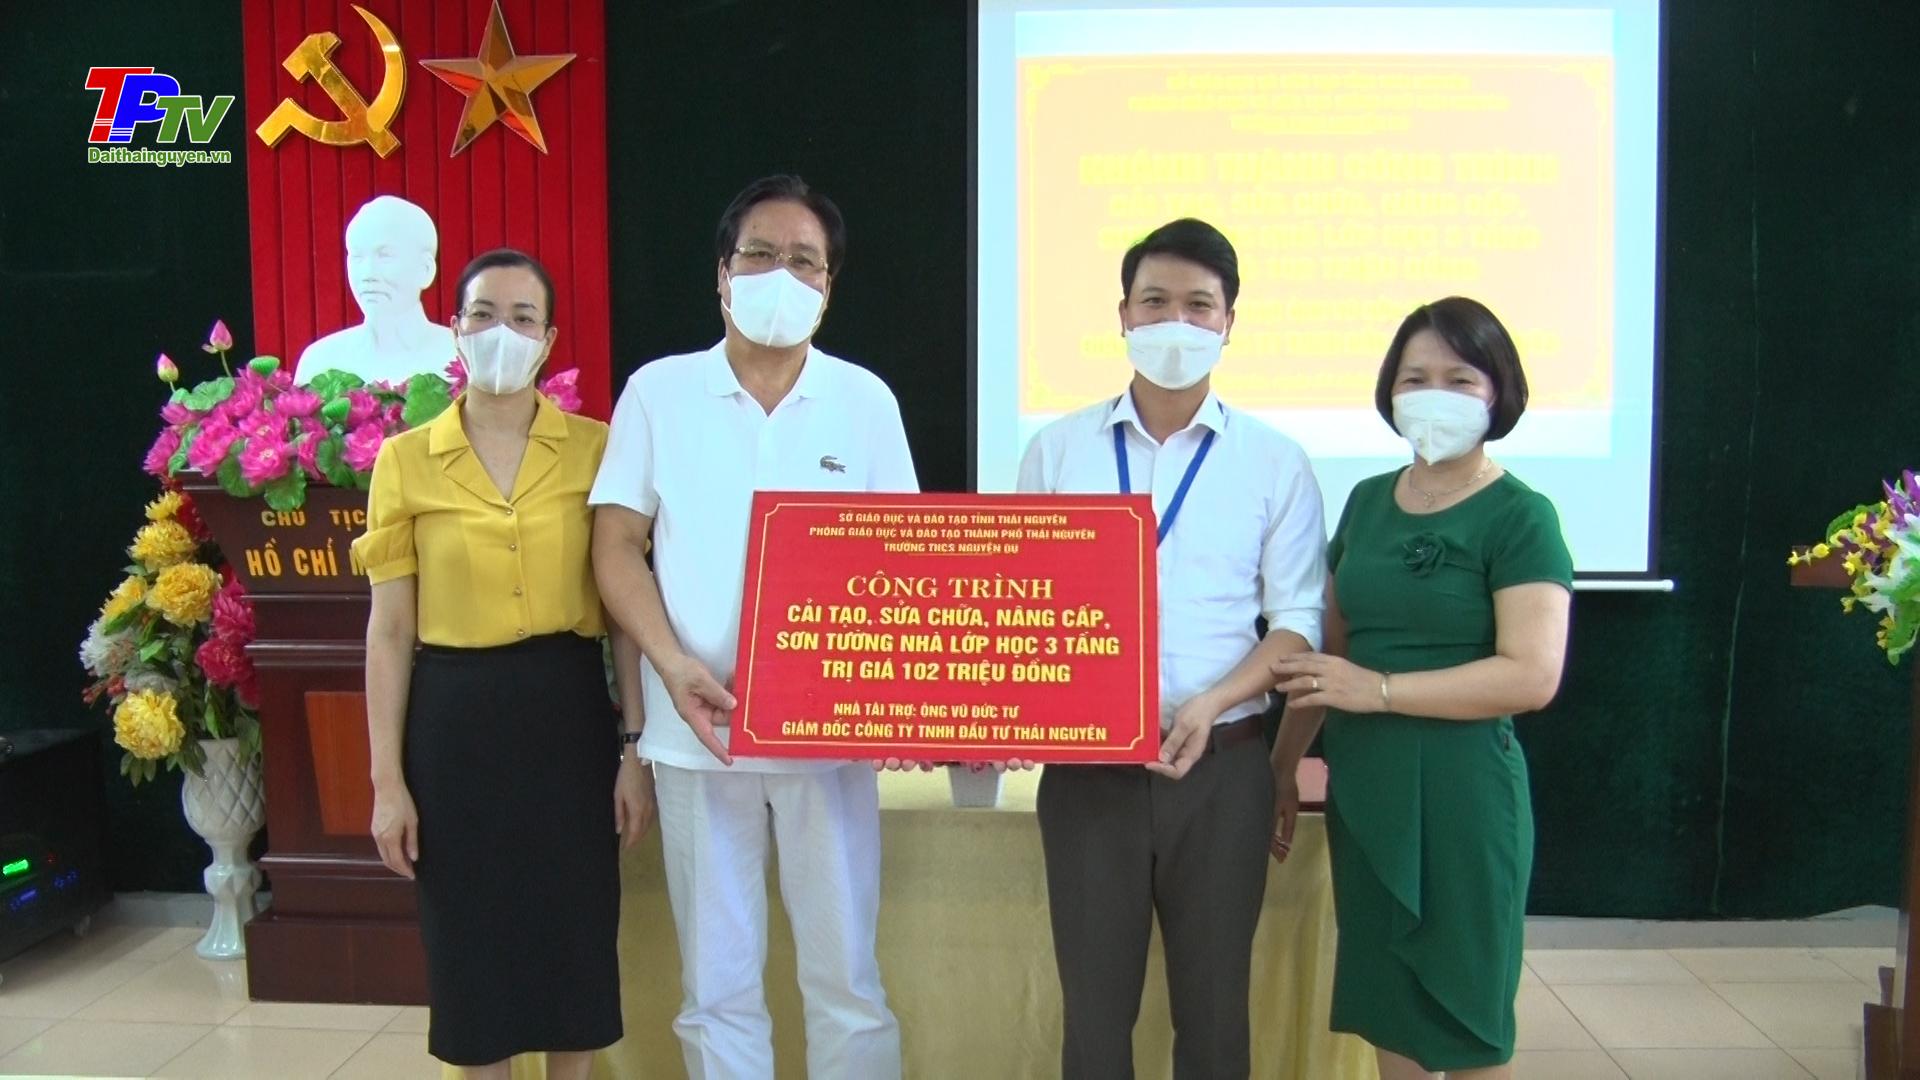 Khánh thành công trình cải tạo, sửa chữa, nâng cấp lớp học tại trường THCS Nguyễn Du